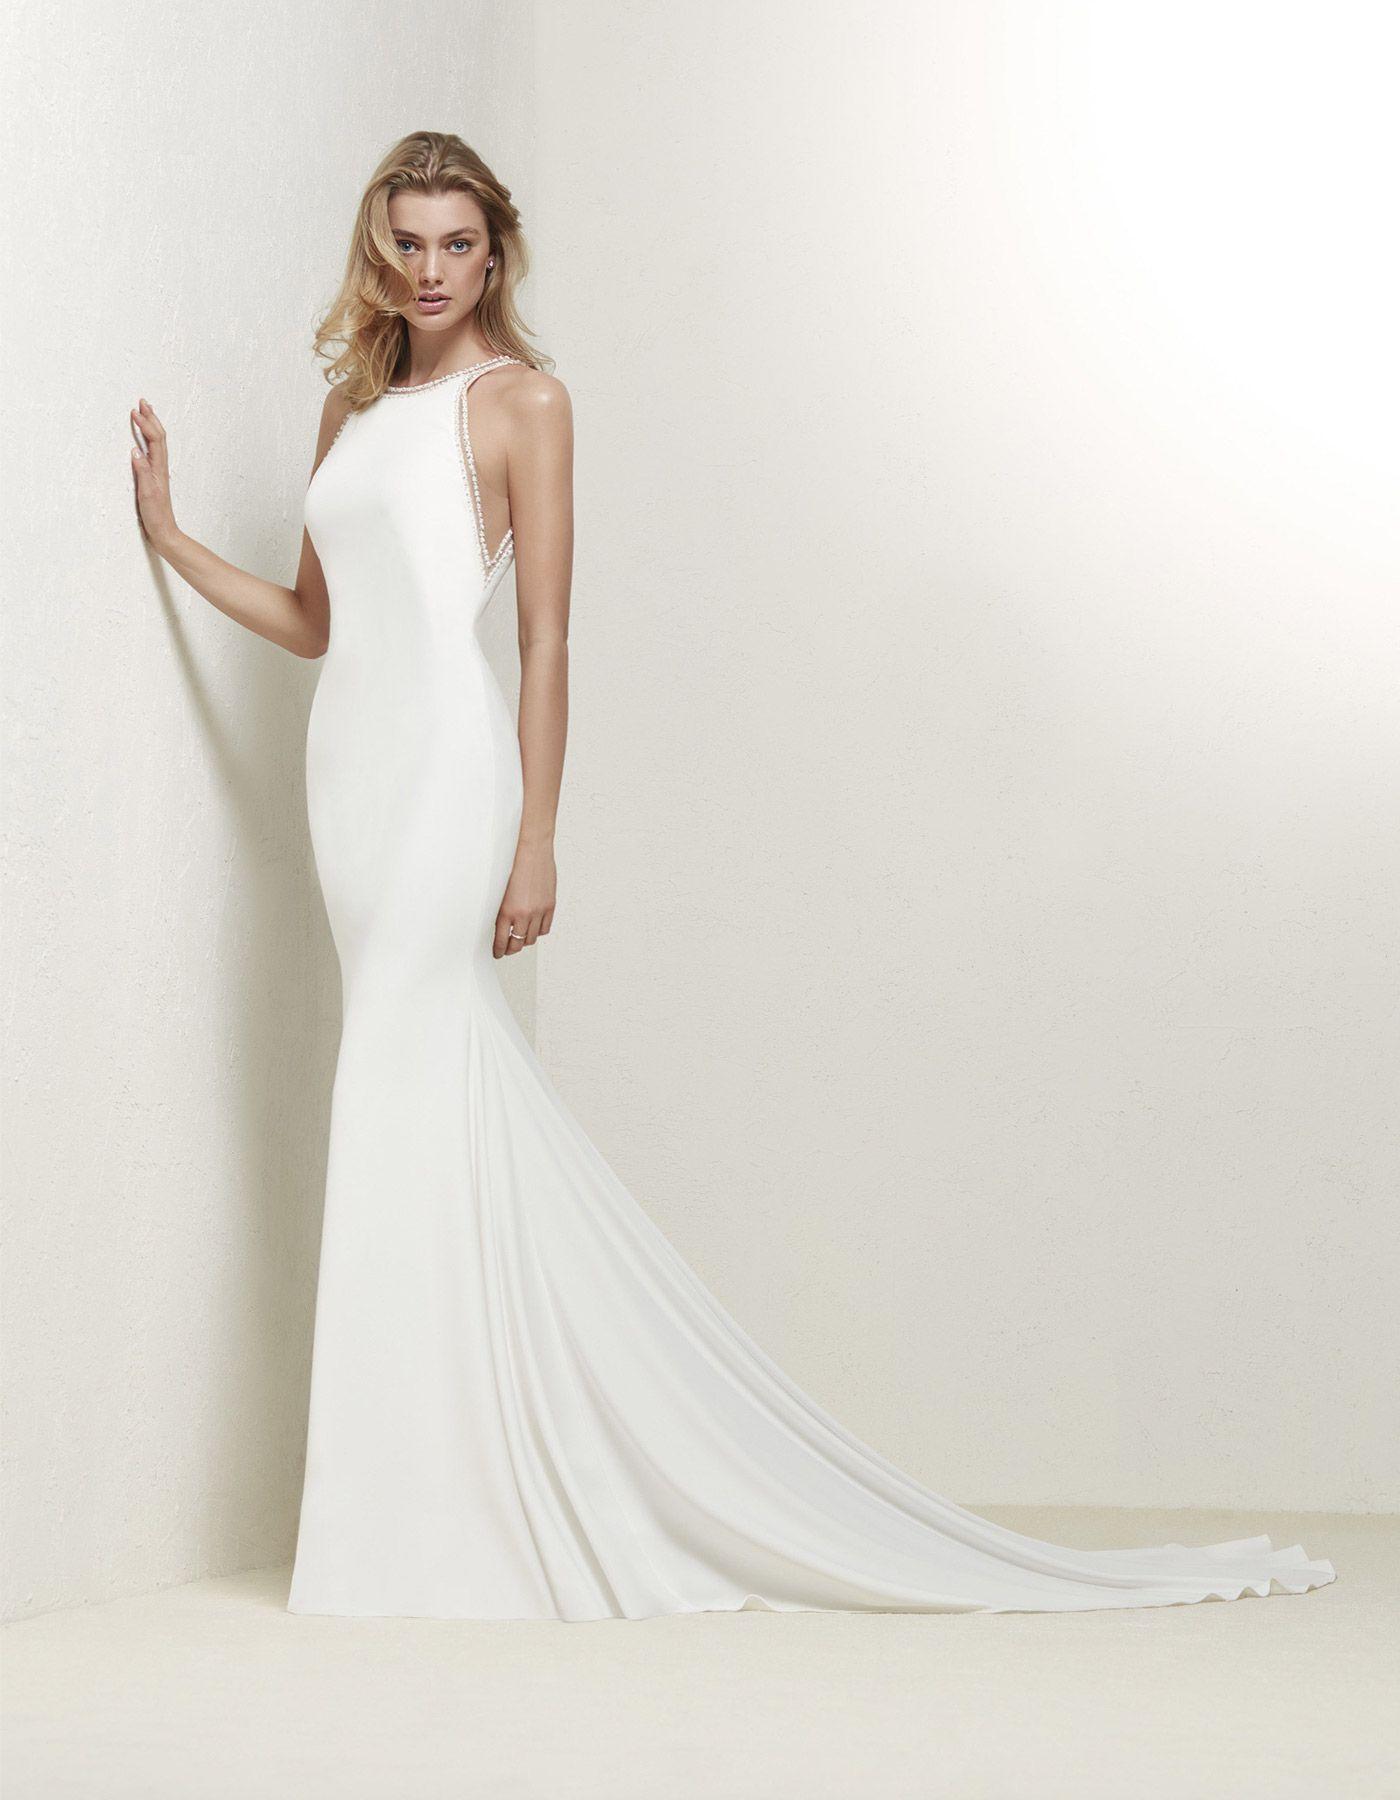 Elegant wedding dress with low back   Drabea by Pronovias. www ...